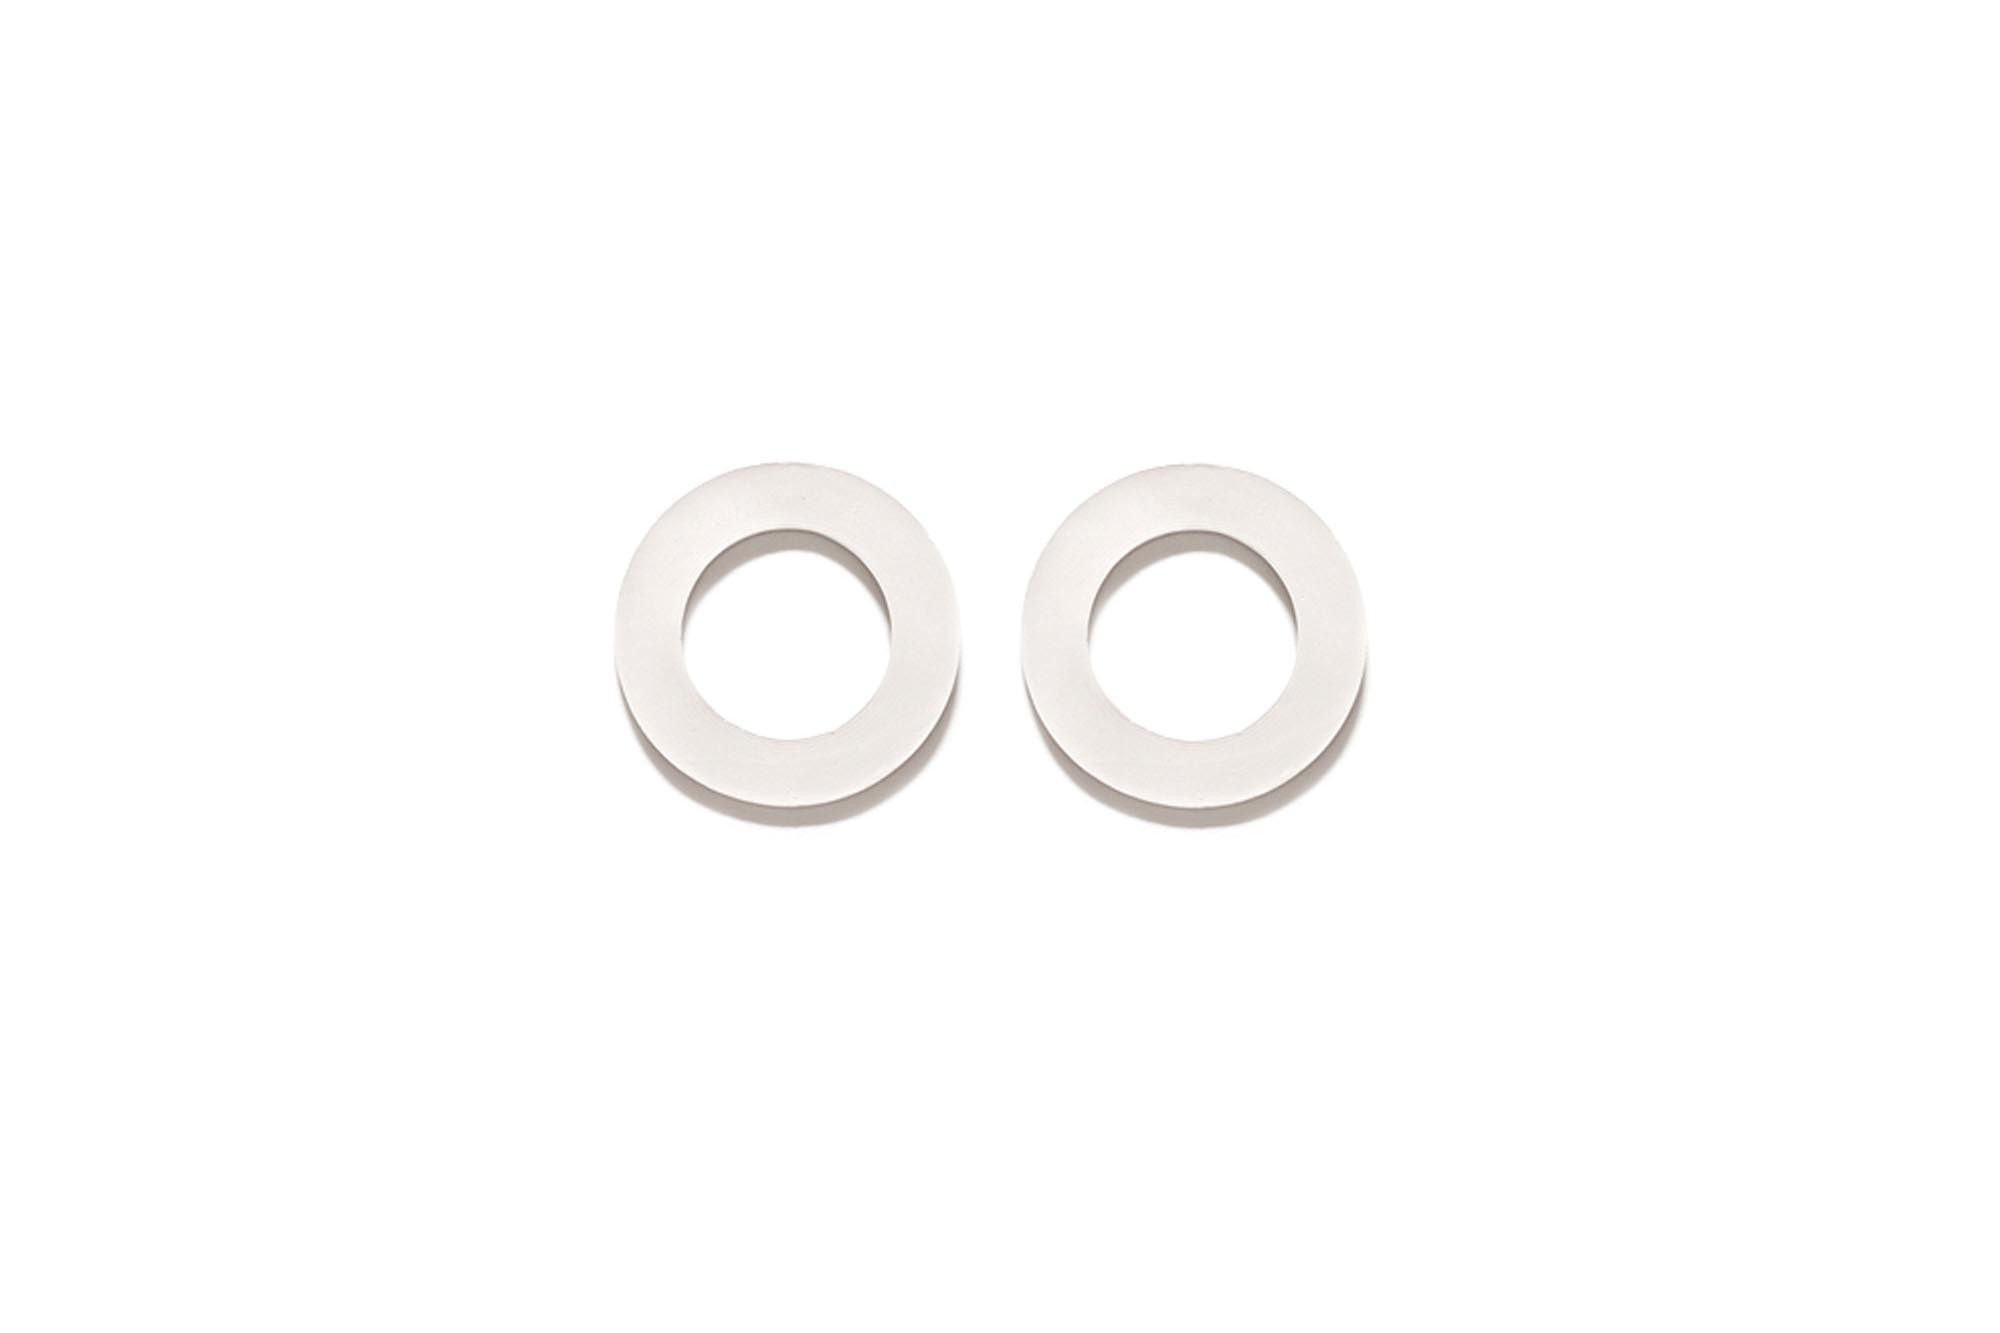 Rubber Seal / Washer For Regulator (2 Pack) | CO2 Supermarket